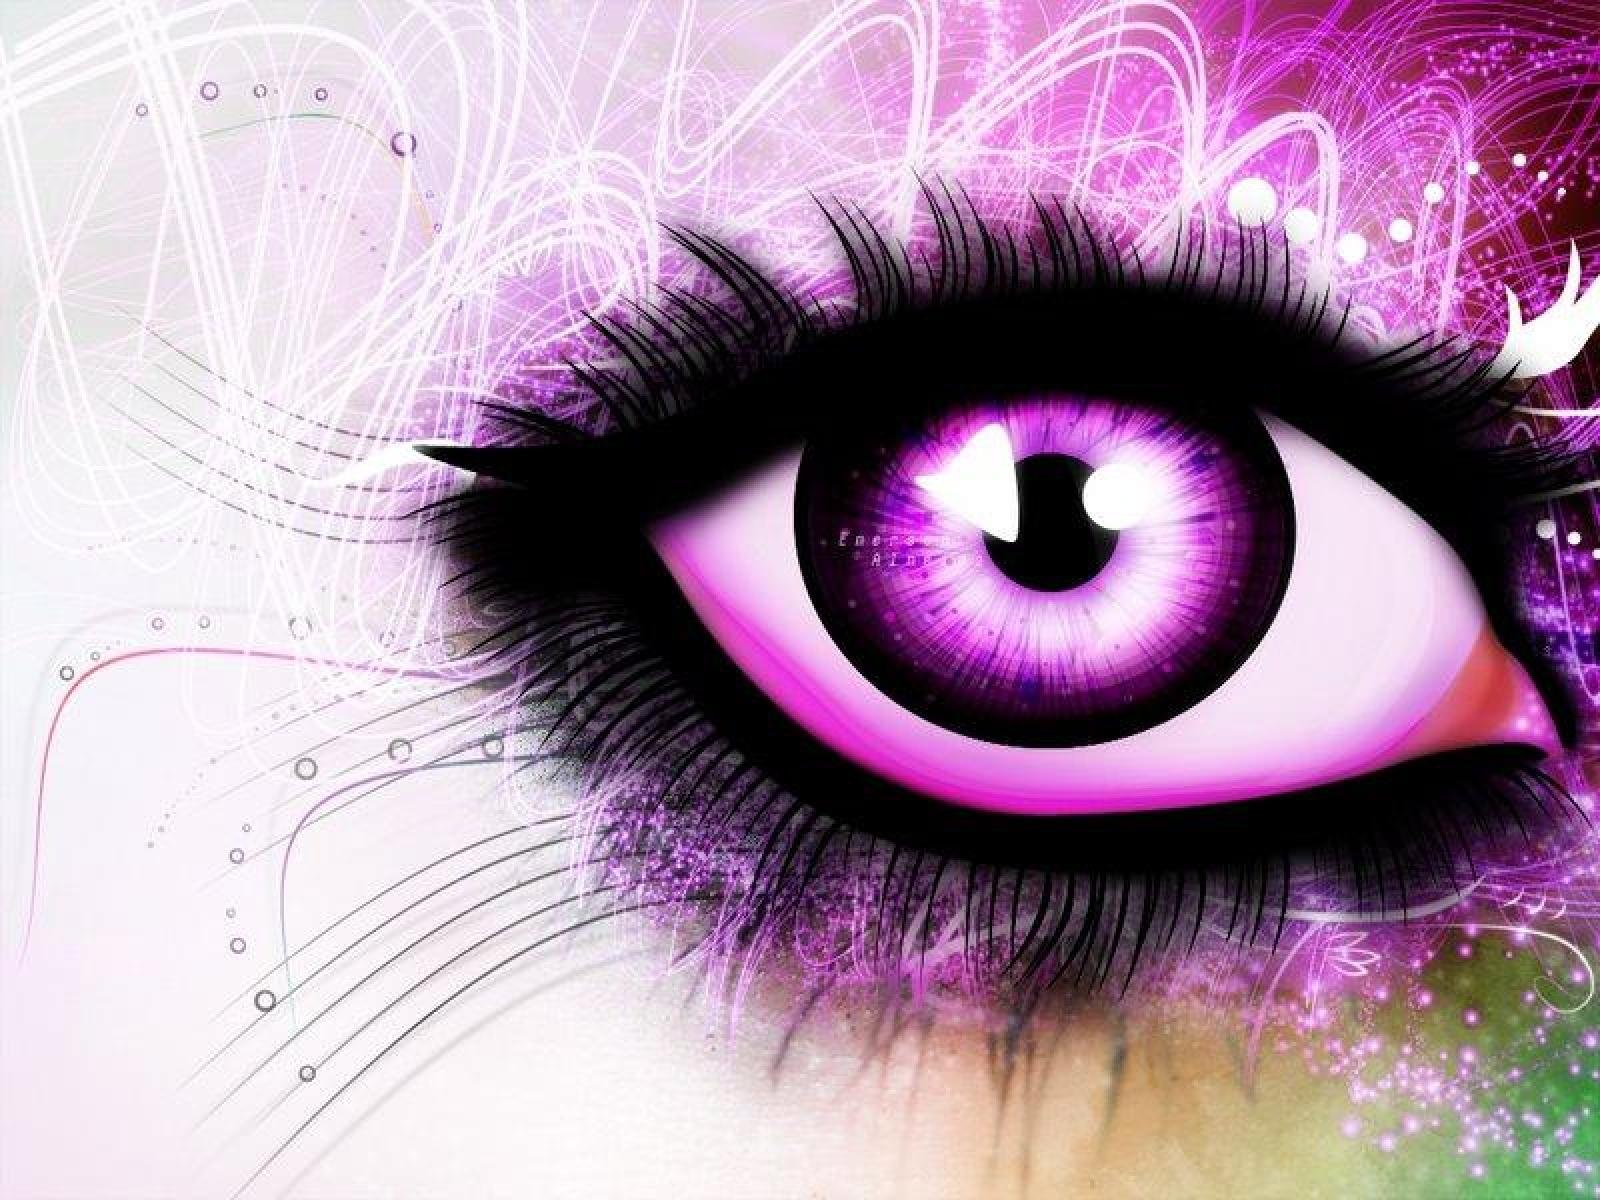 purple eye purple rain drops purple ray of lights purple 1600x1200